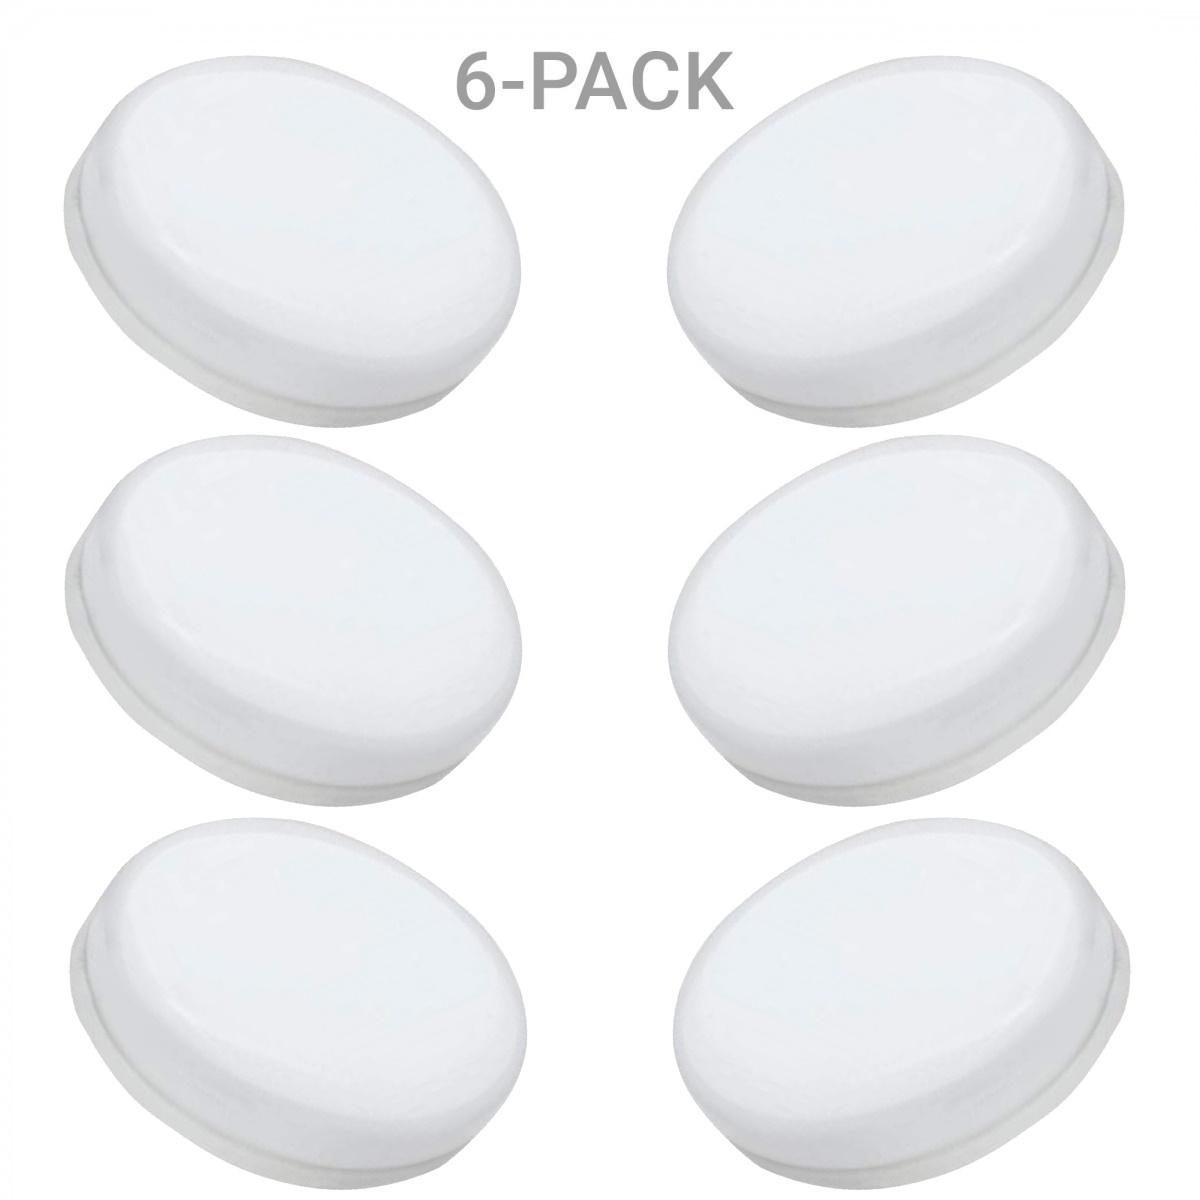 Leuchtmittel GX53 5W LED 6er-Pack